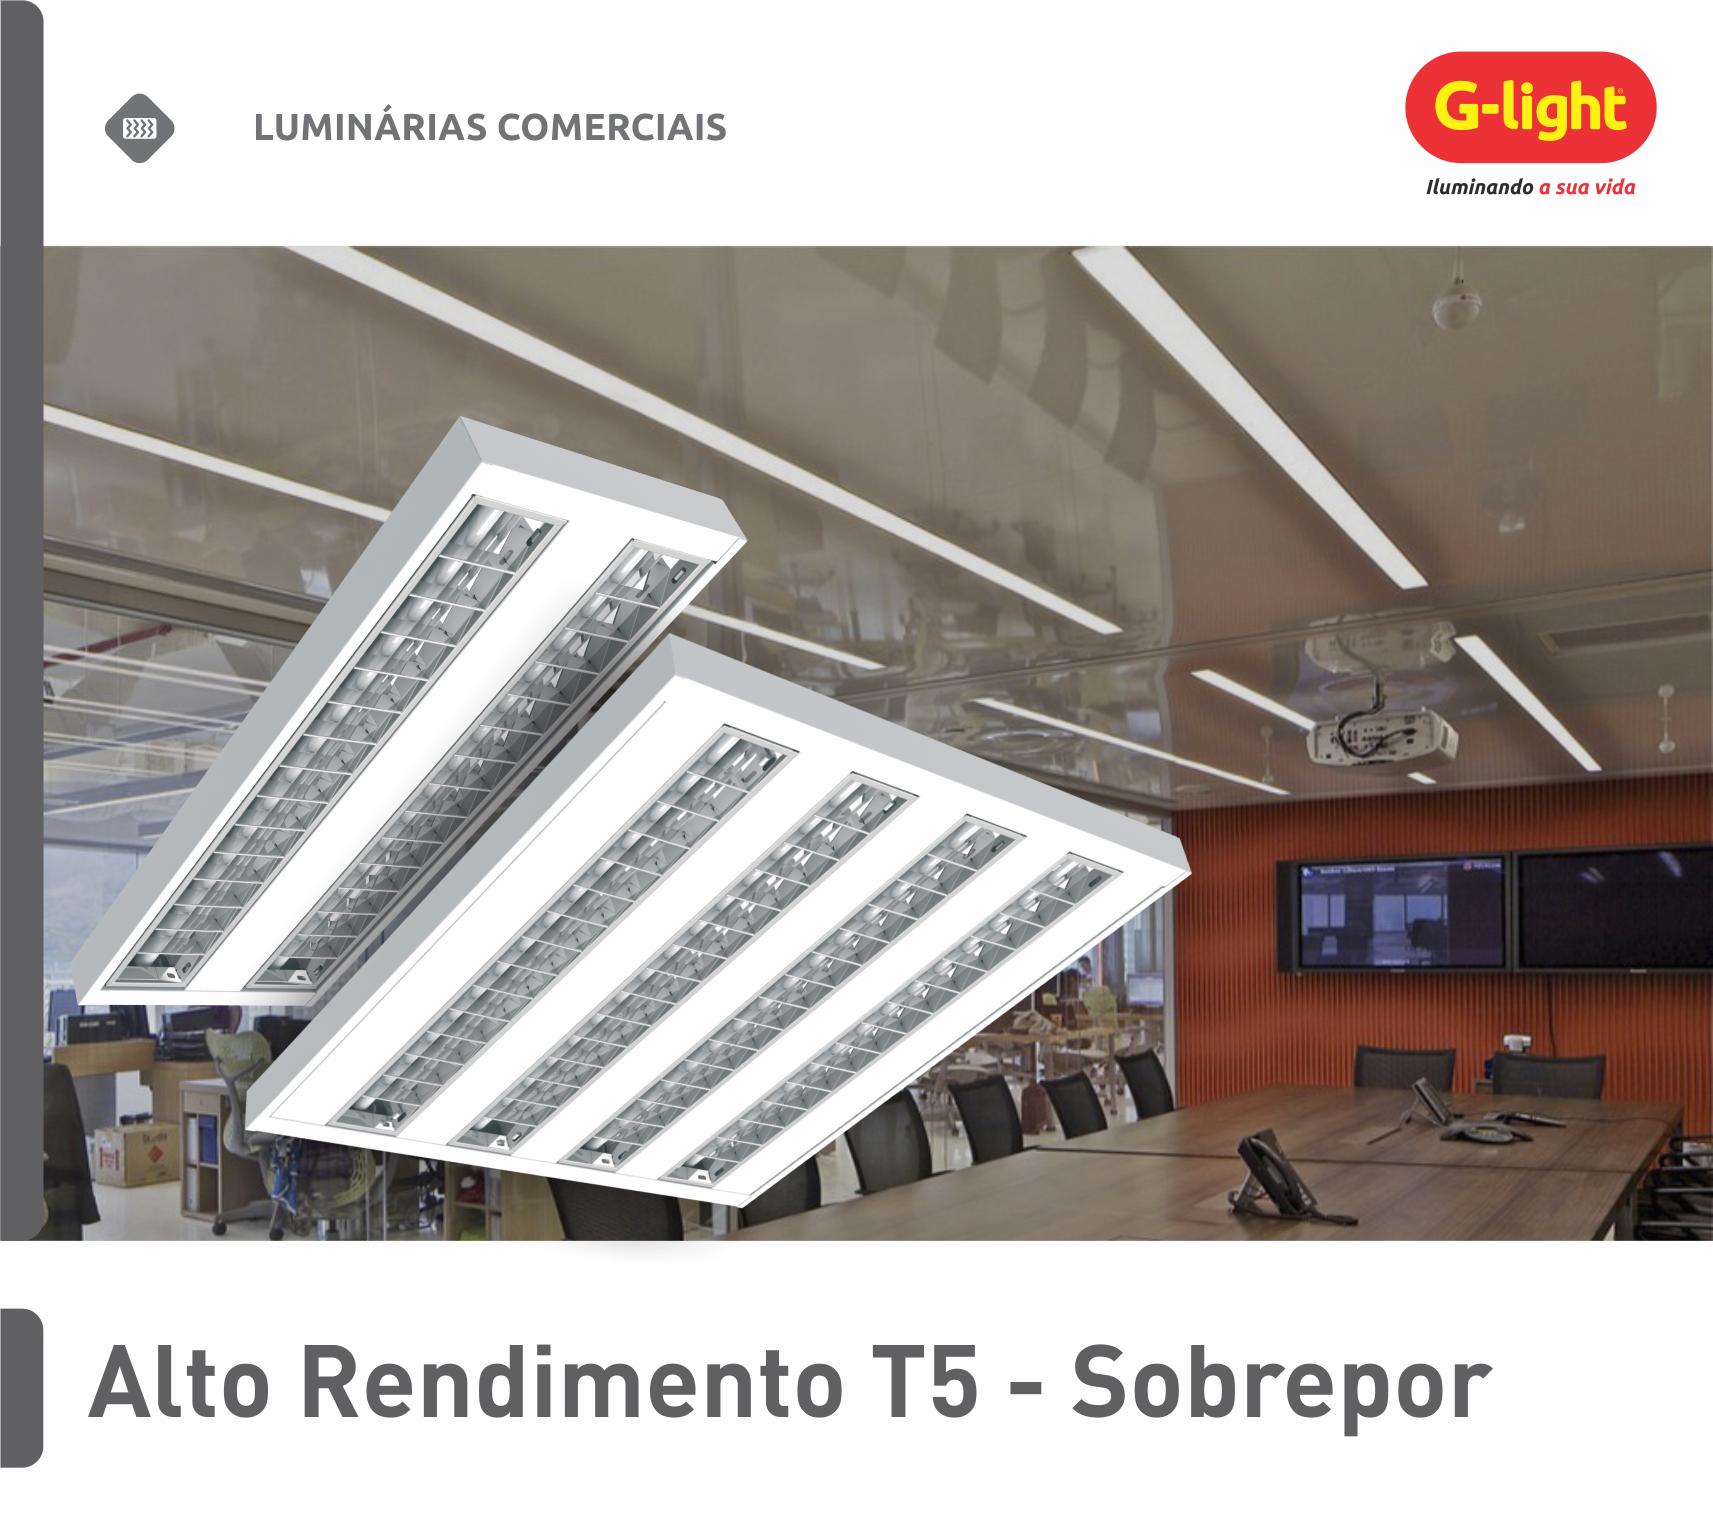 Luminária de Alto Rendimento T5 - Sobrepor